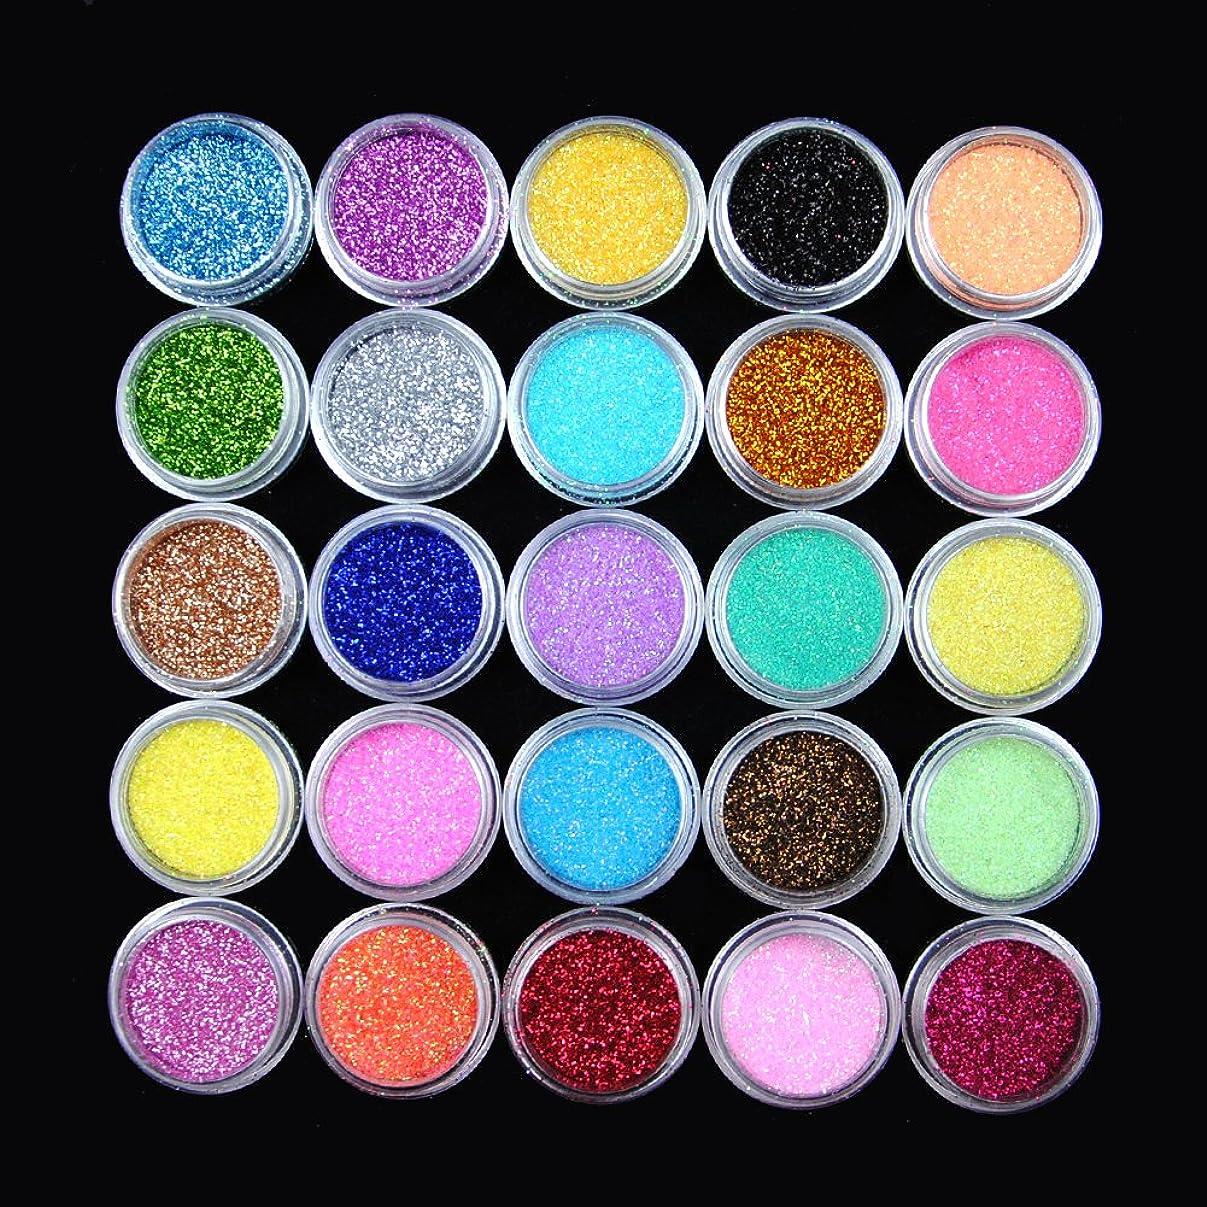 キルト学者無線ユニークモール(UniqueMall)25色セット 発色いい ダリッター ラメ ネイルデコ レジン用 ジェル用顔料 パール顔料25色セット カラーパウダー